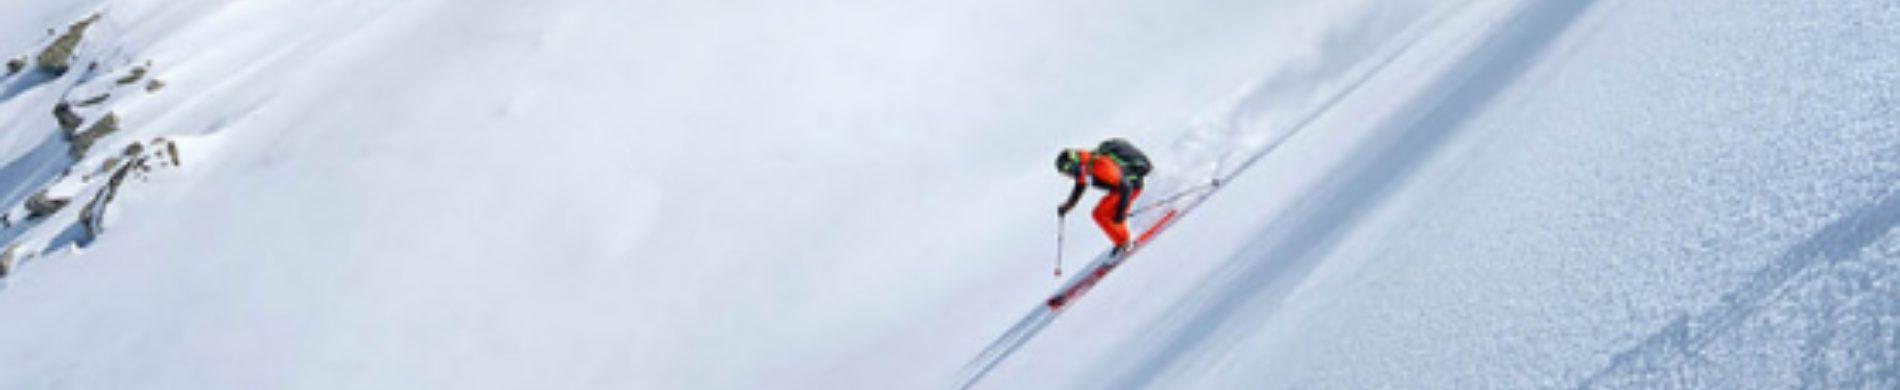 Bulgarie - Ski dans les massifs de Rila et Pirin - Les matins du monde